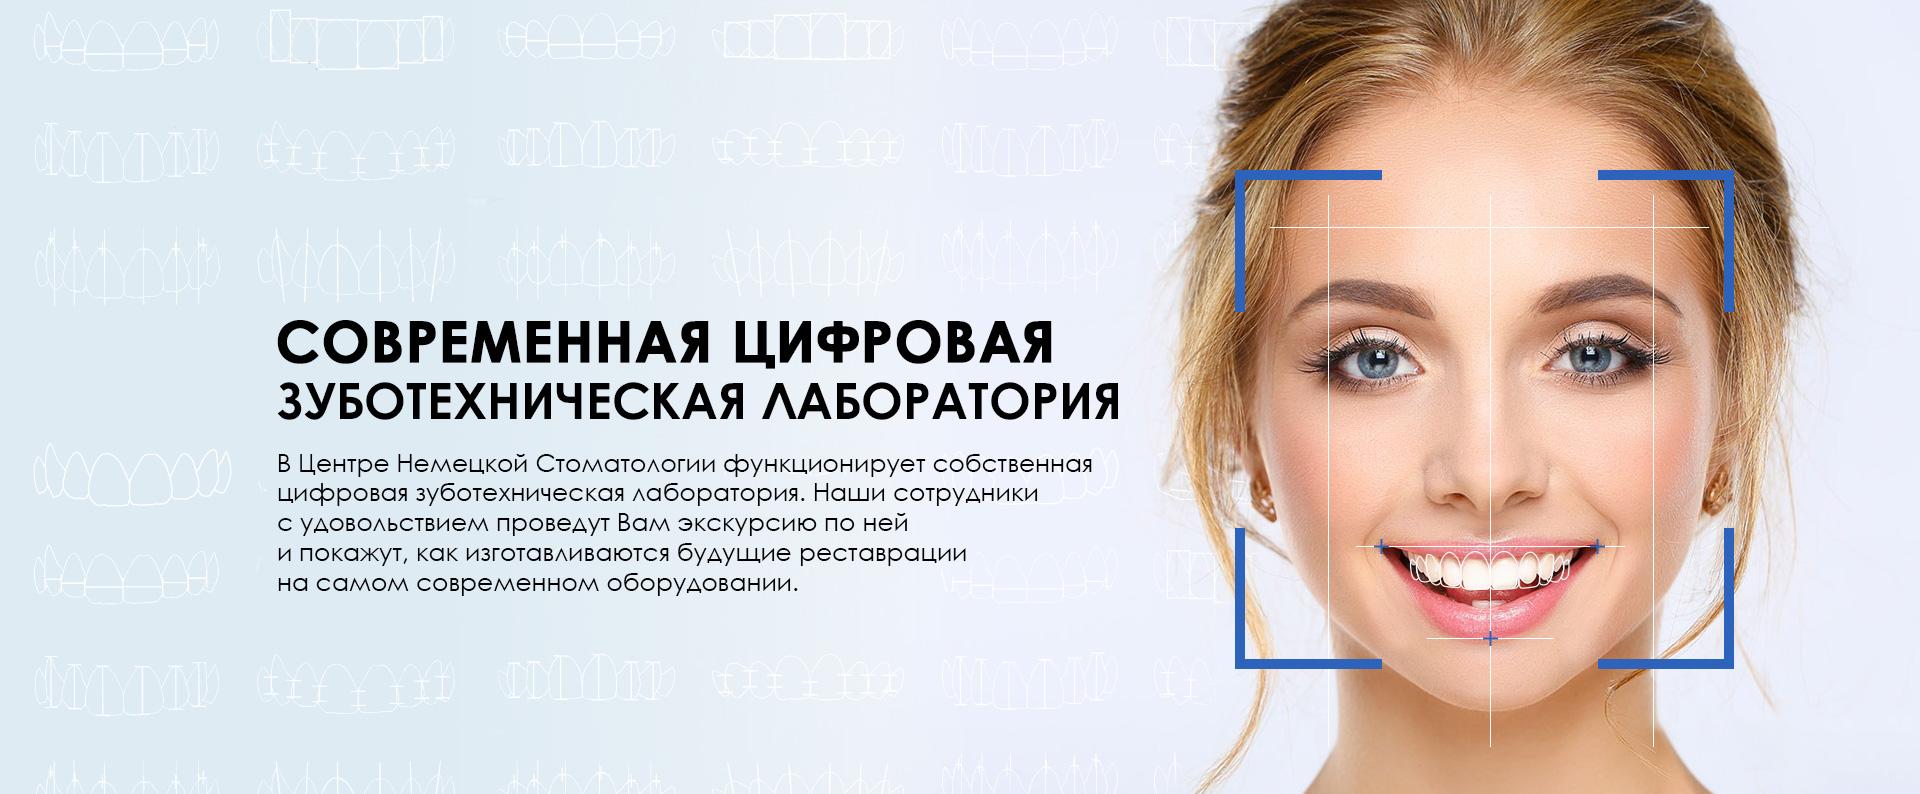 Современная цифровая зуботехническая лаборатория